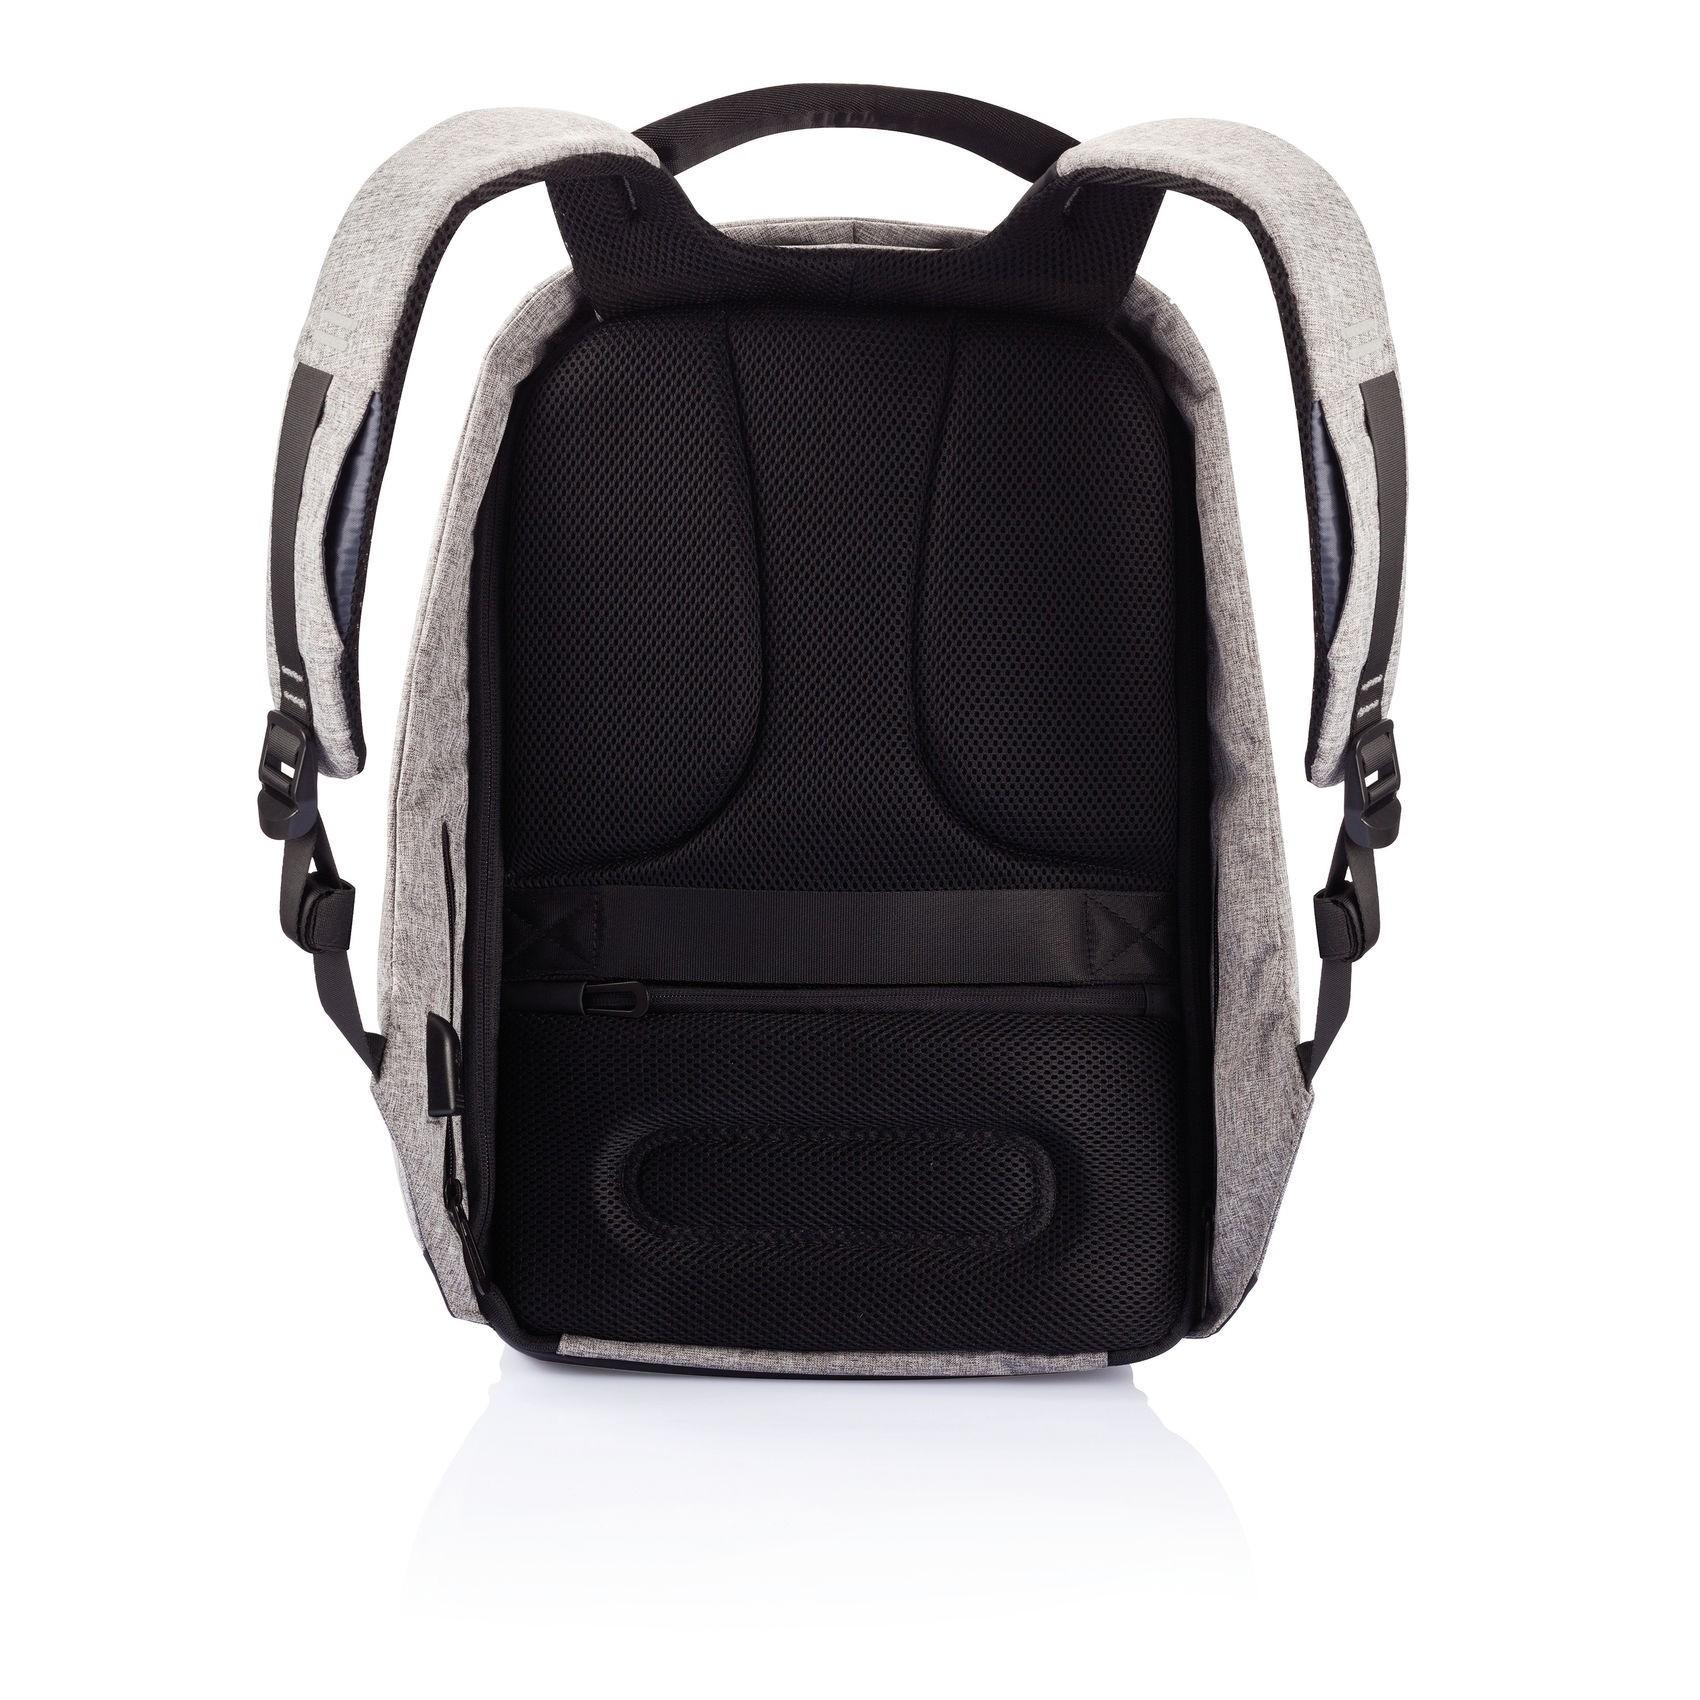 sac dos antivol bobby pour entreprise par kelcom. Black Bedroom Furniture Sets. Home Design Ideas